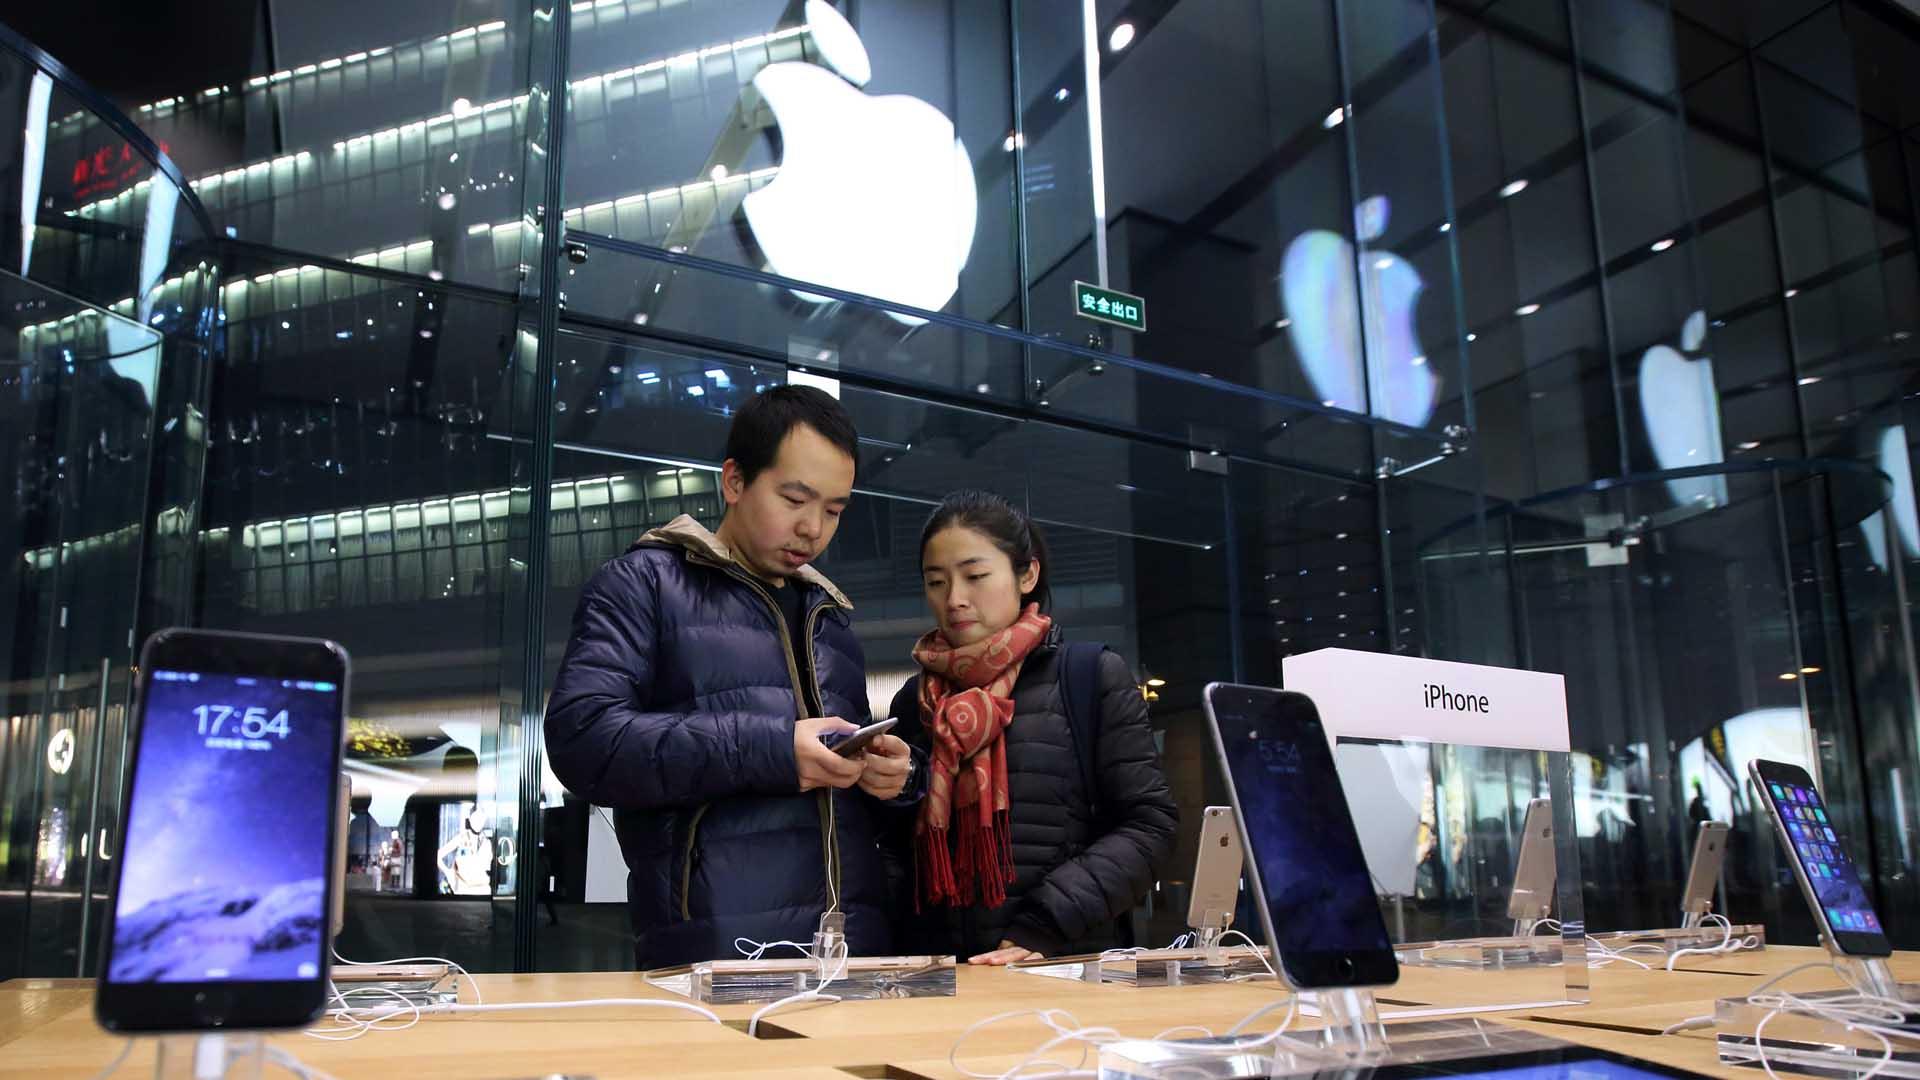 El gigante tecnológico llevaba tiempo intentando entrar en el mercado chino de pagos mediante dispositivos móviles